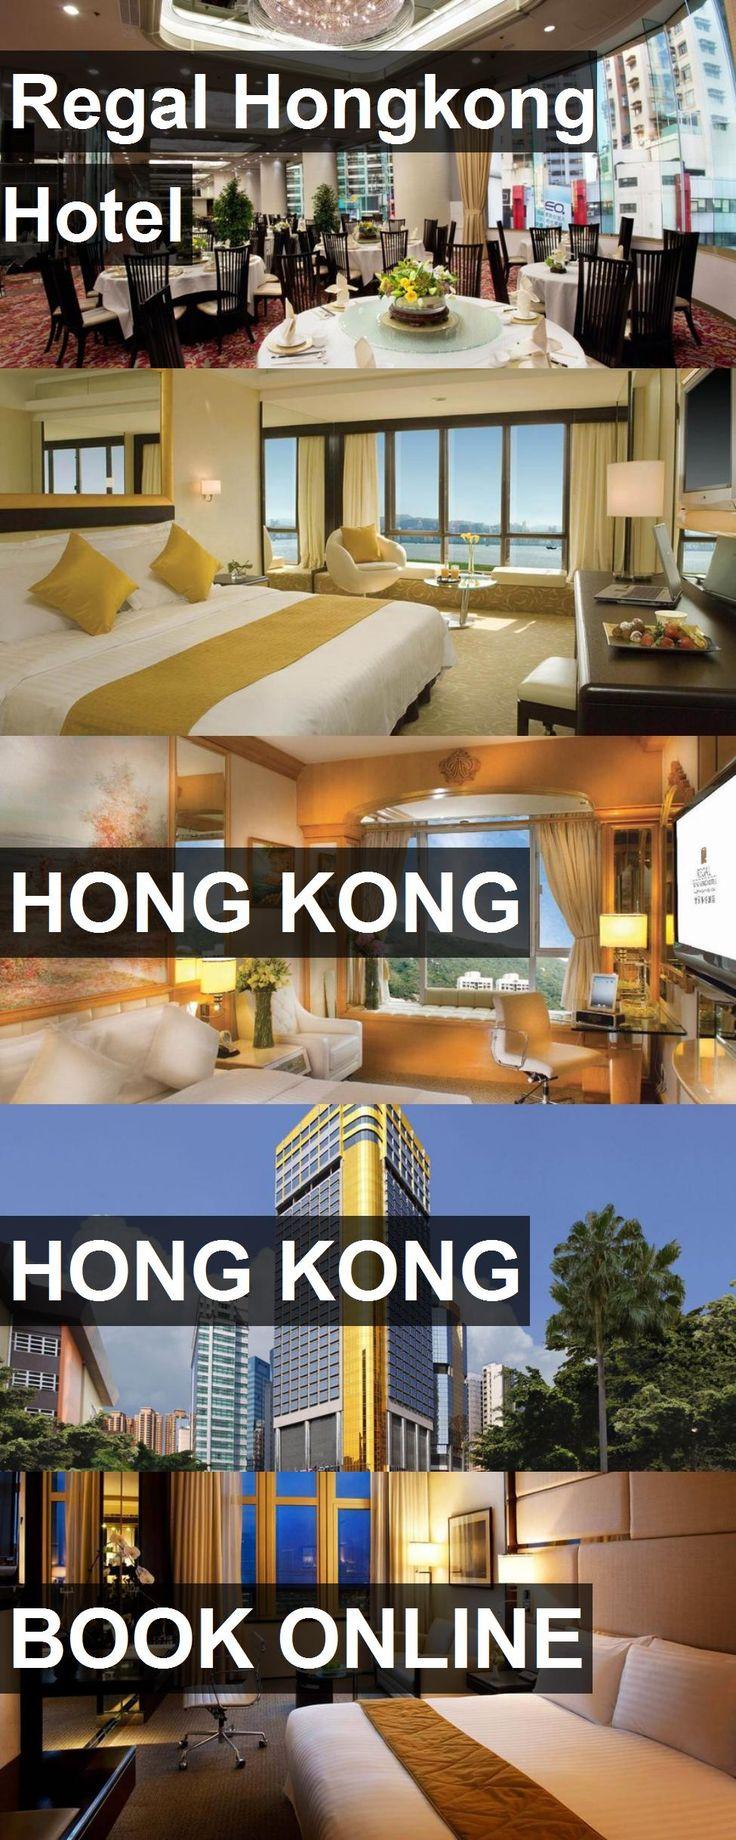 Regal Hongkong Hotel in Hong Kong, Hong Kong. For more information, photos, reviews and best prices please follow the link. #HongKong #HongKong #travel #vacation #hotel